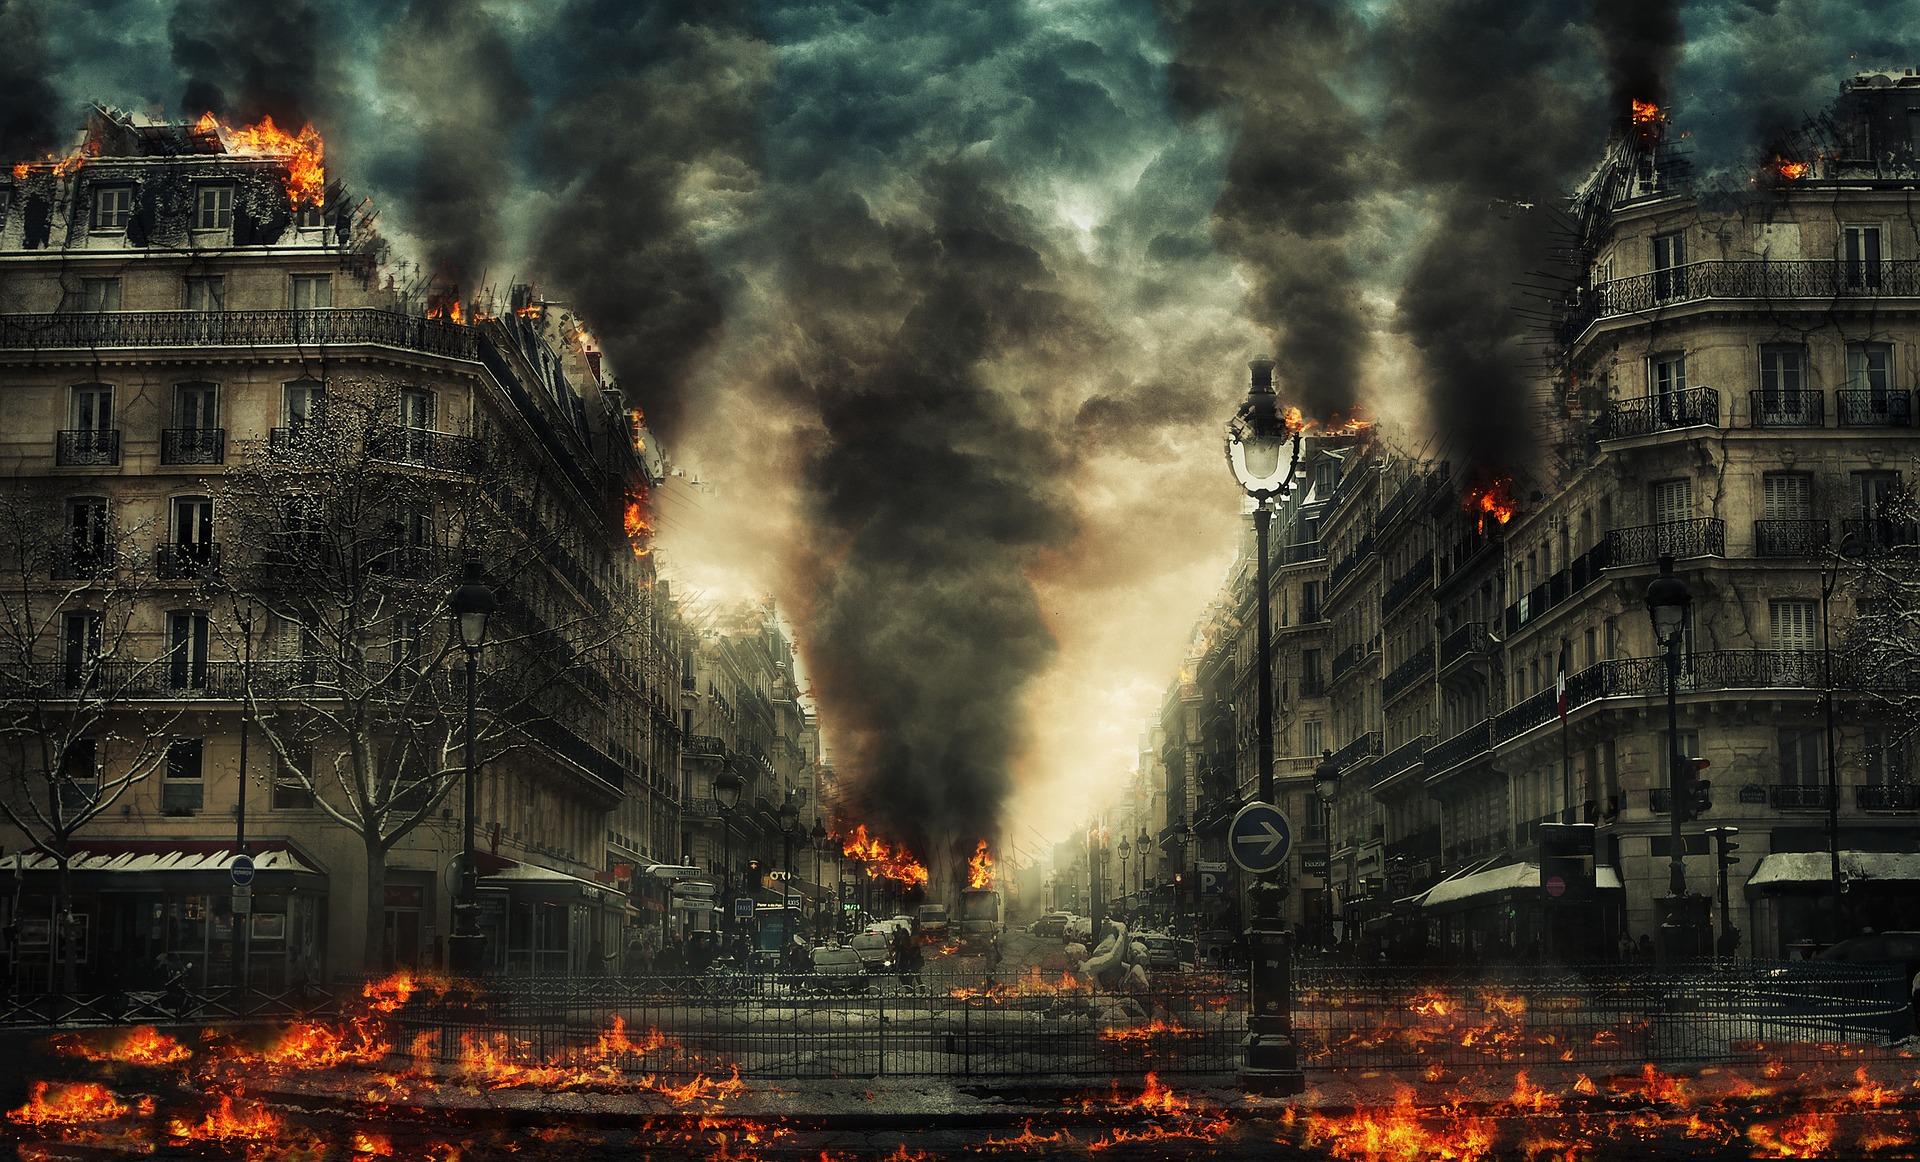 Películas de catástrofes